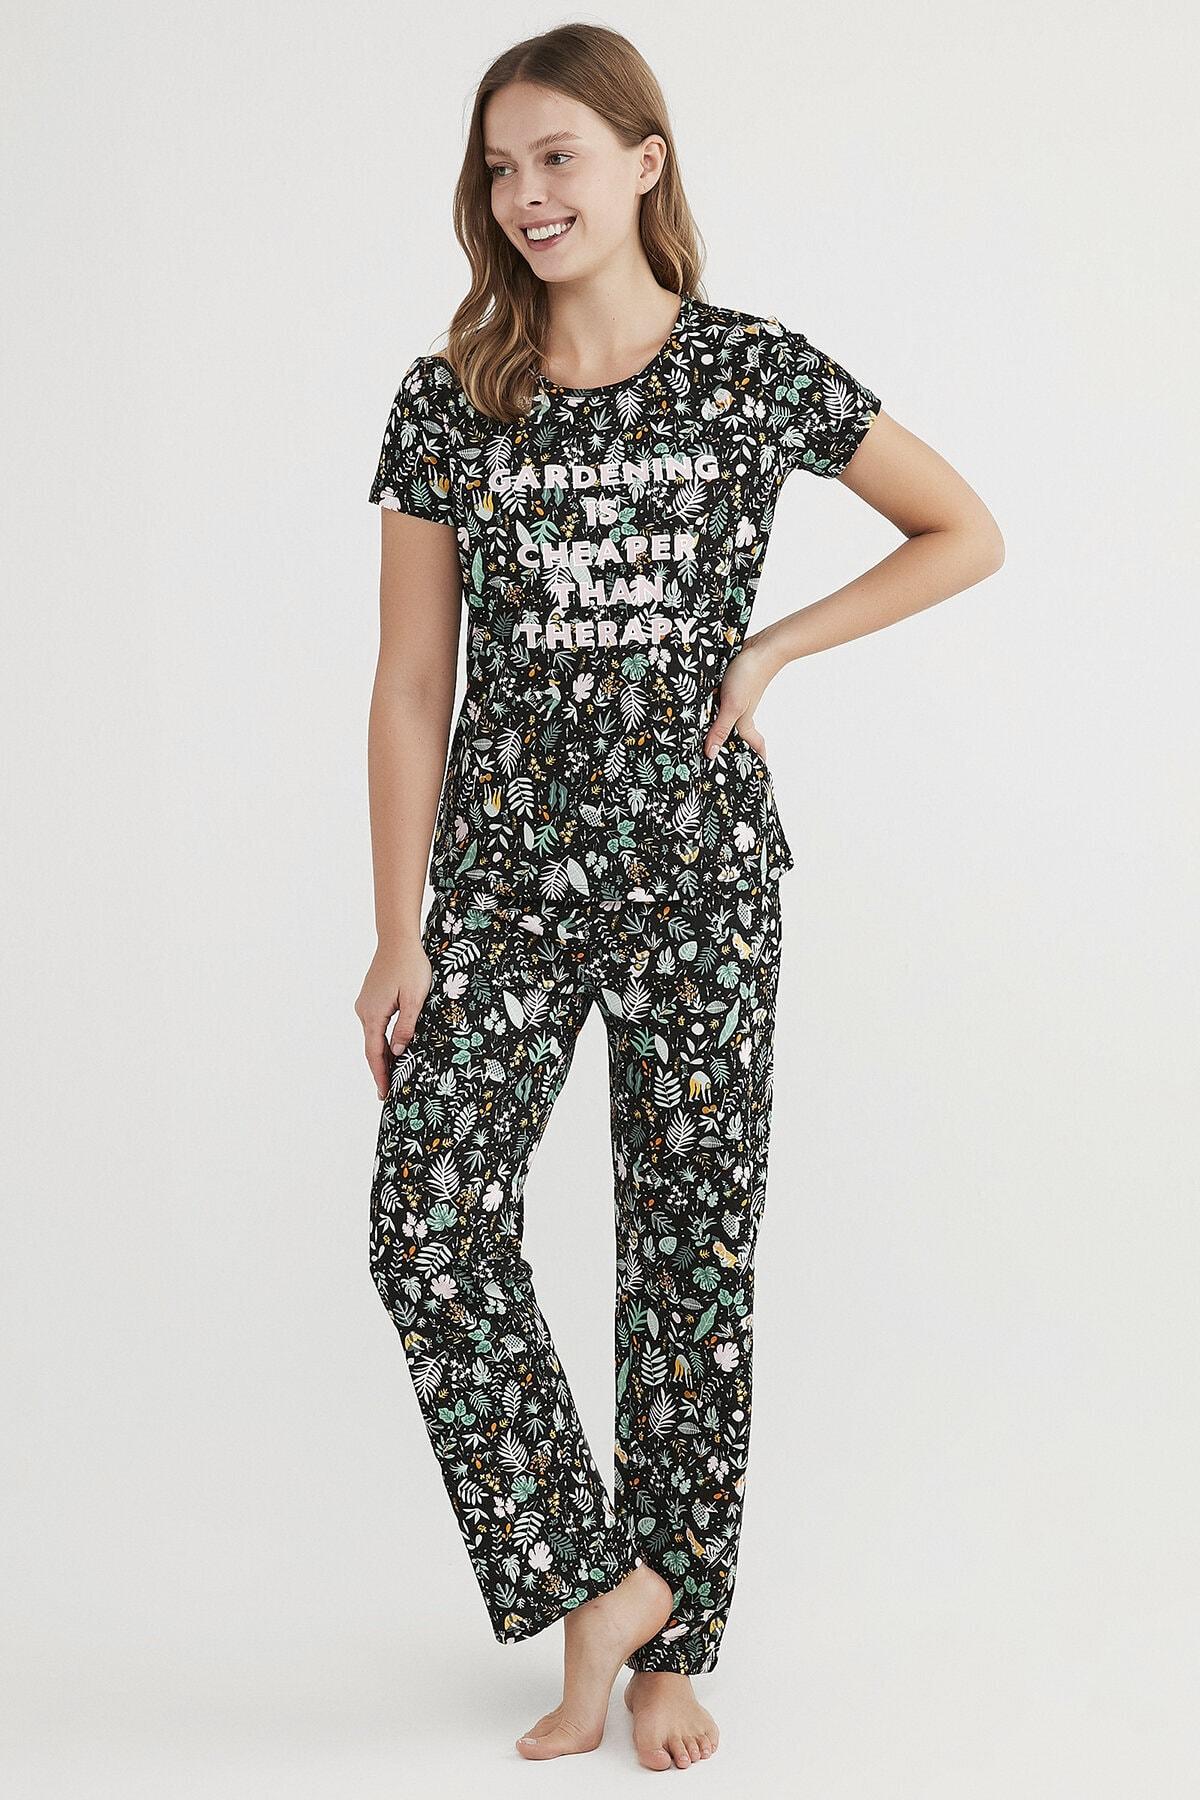 Penti Kadın Çok Renkli Gardening Pijama Takımı 1